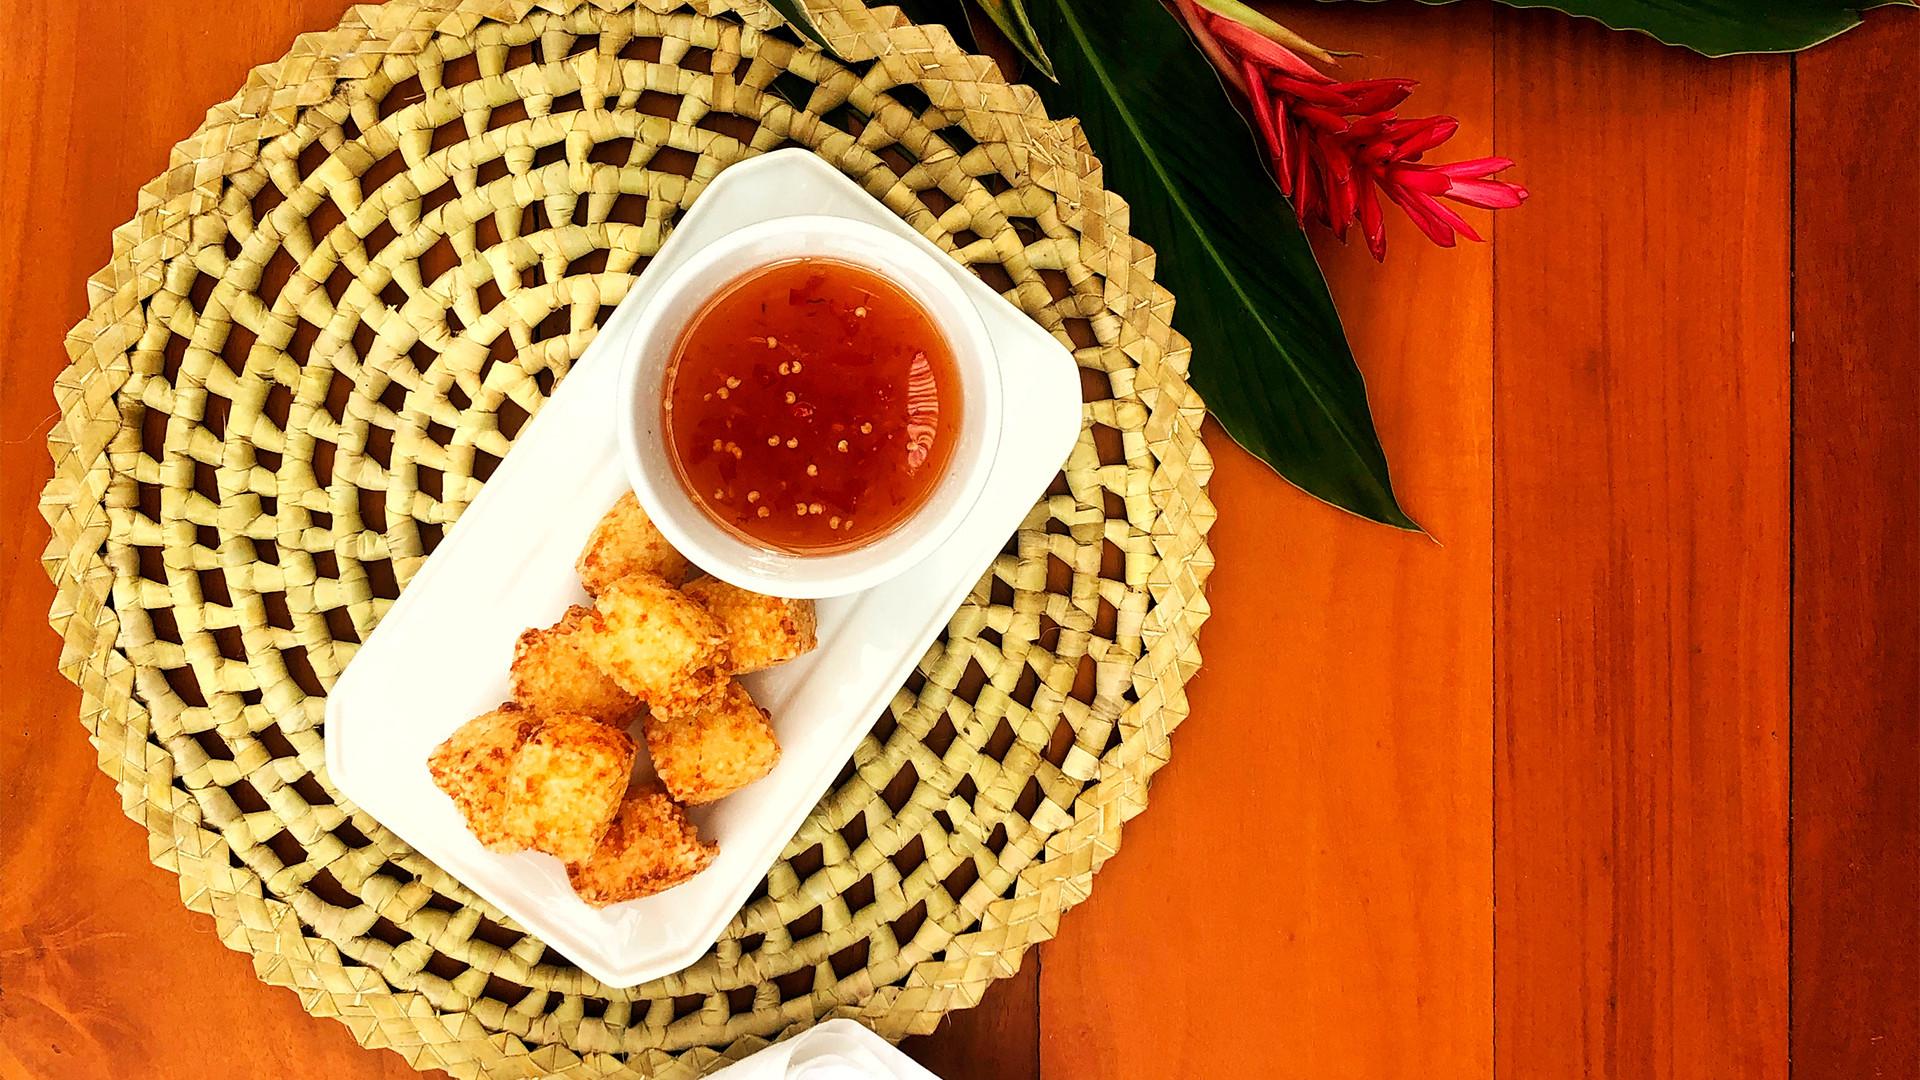 casarao-gastronomia-2.jpg